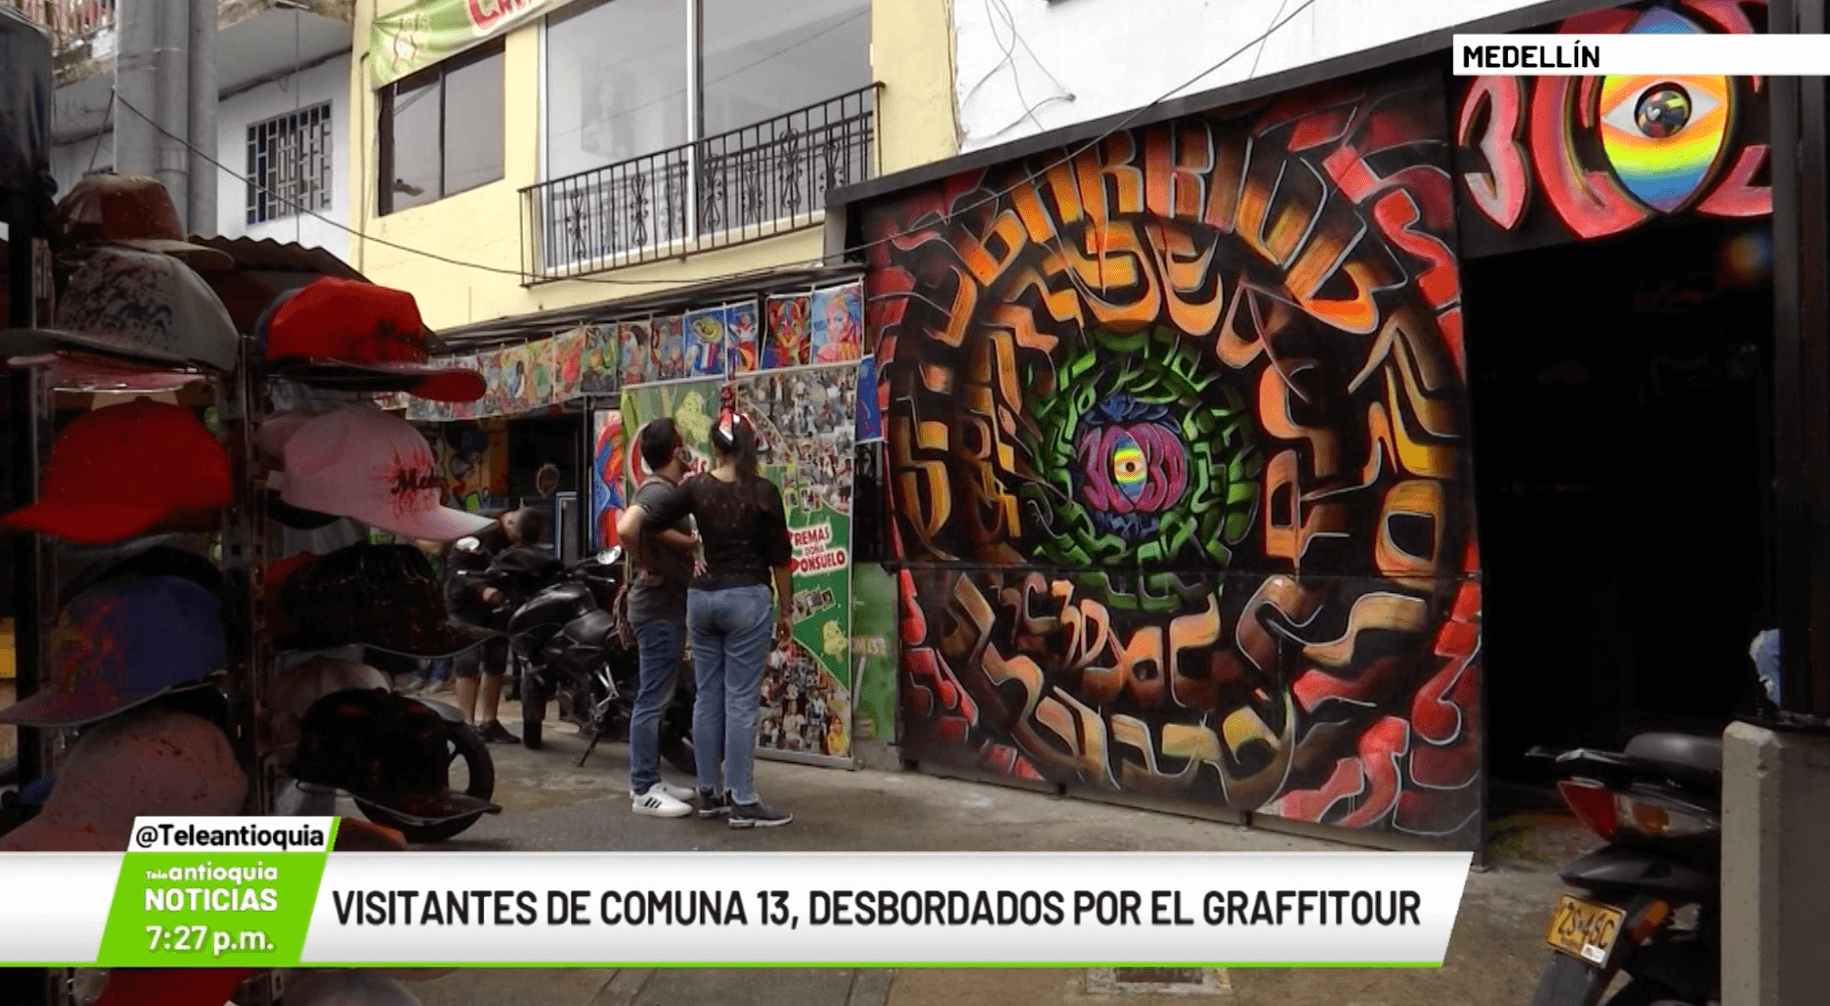 Visitantes de Comuna 13, desbordados por el Graffitour